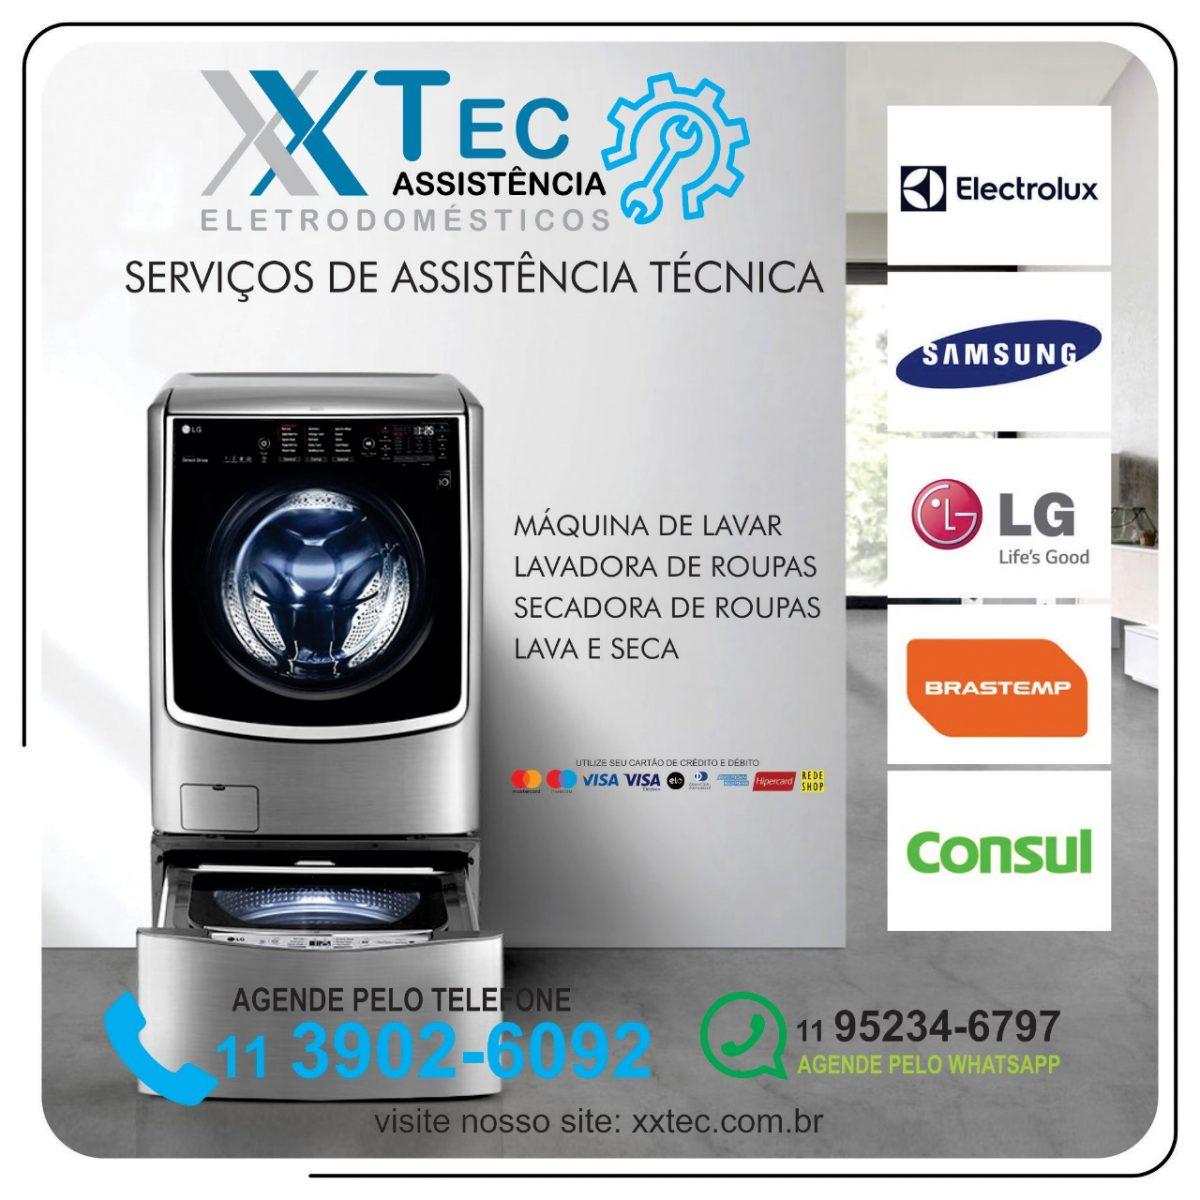 xxtec.com.br-maquinadelavar